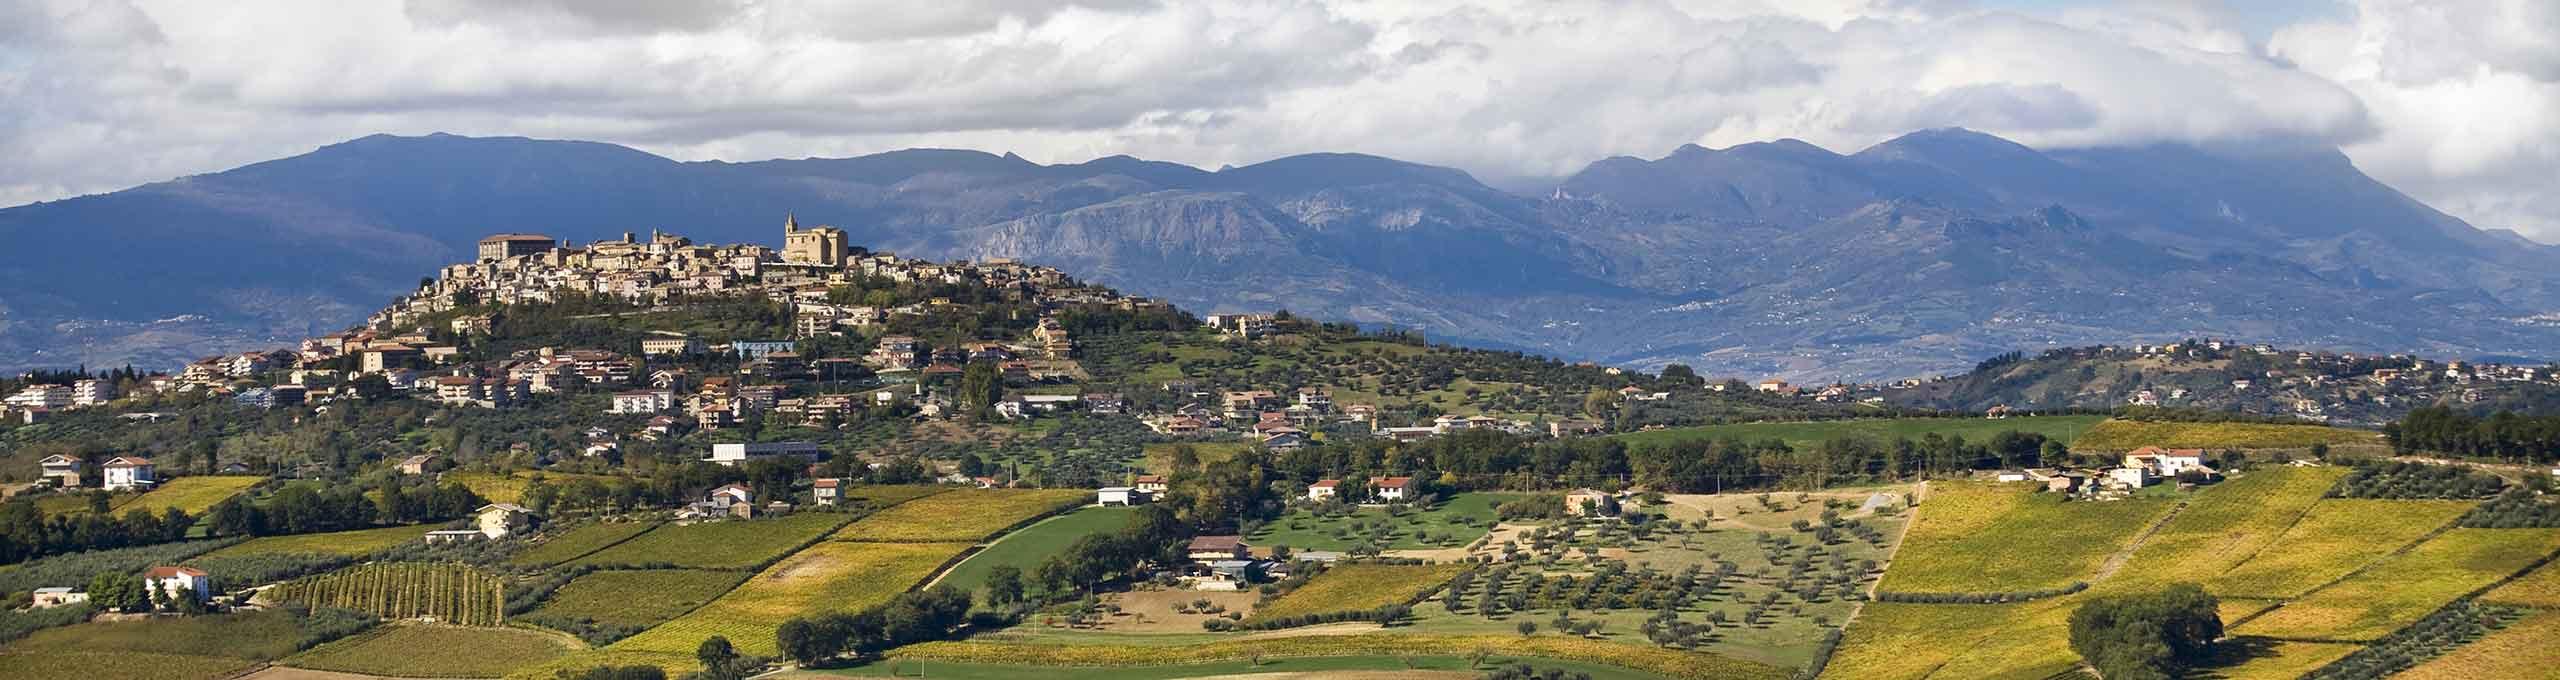 Bucchianico, Abruzzo